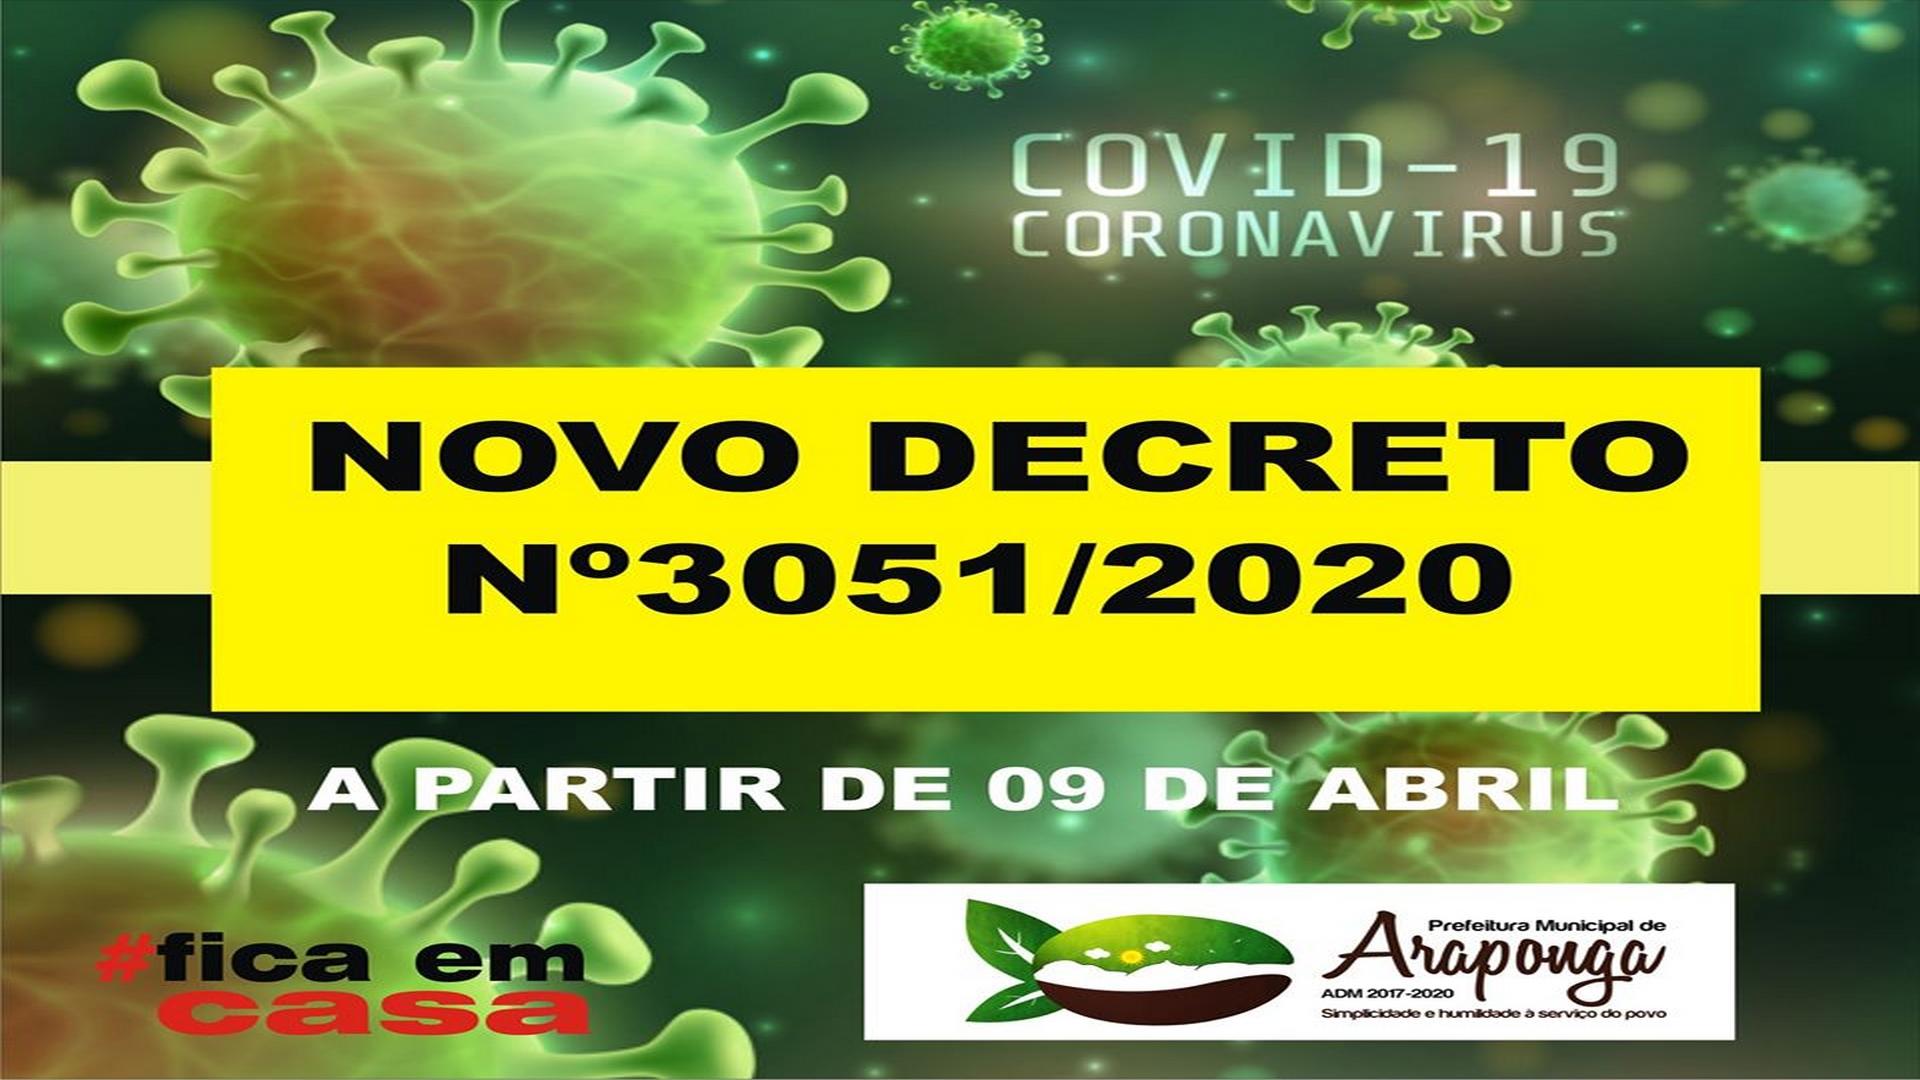 COVID-19: PREFEITURA DE ARAPONGA CRIA NOVO DECRETO QUE ESTABELECE NOVAS MEDIDAS CONTRA O CORONAVÍRUS !!!